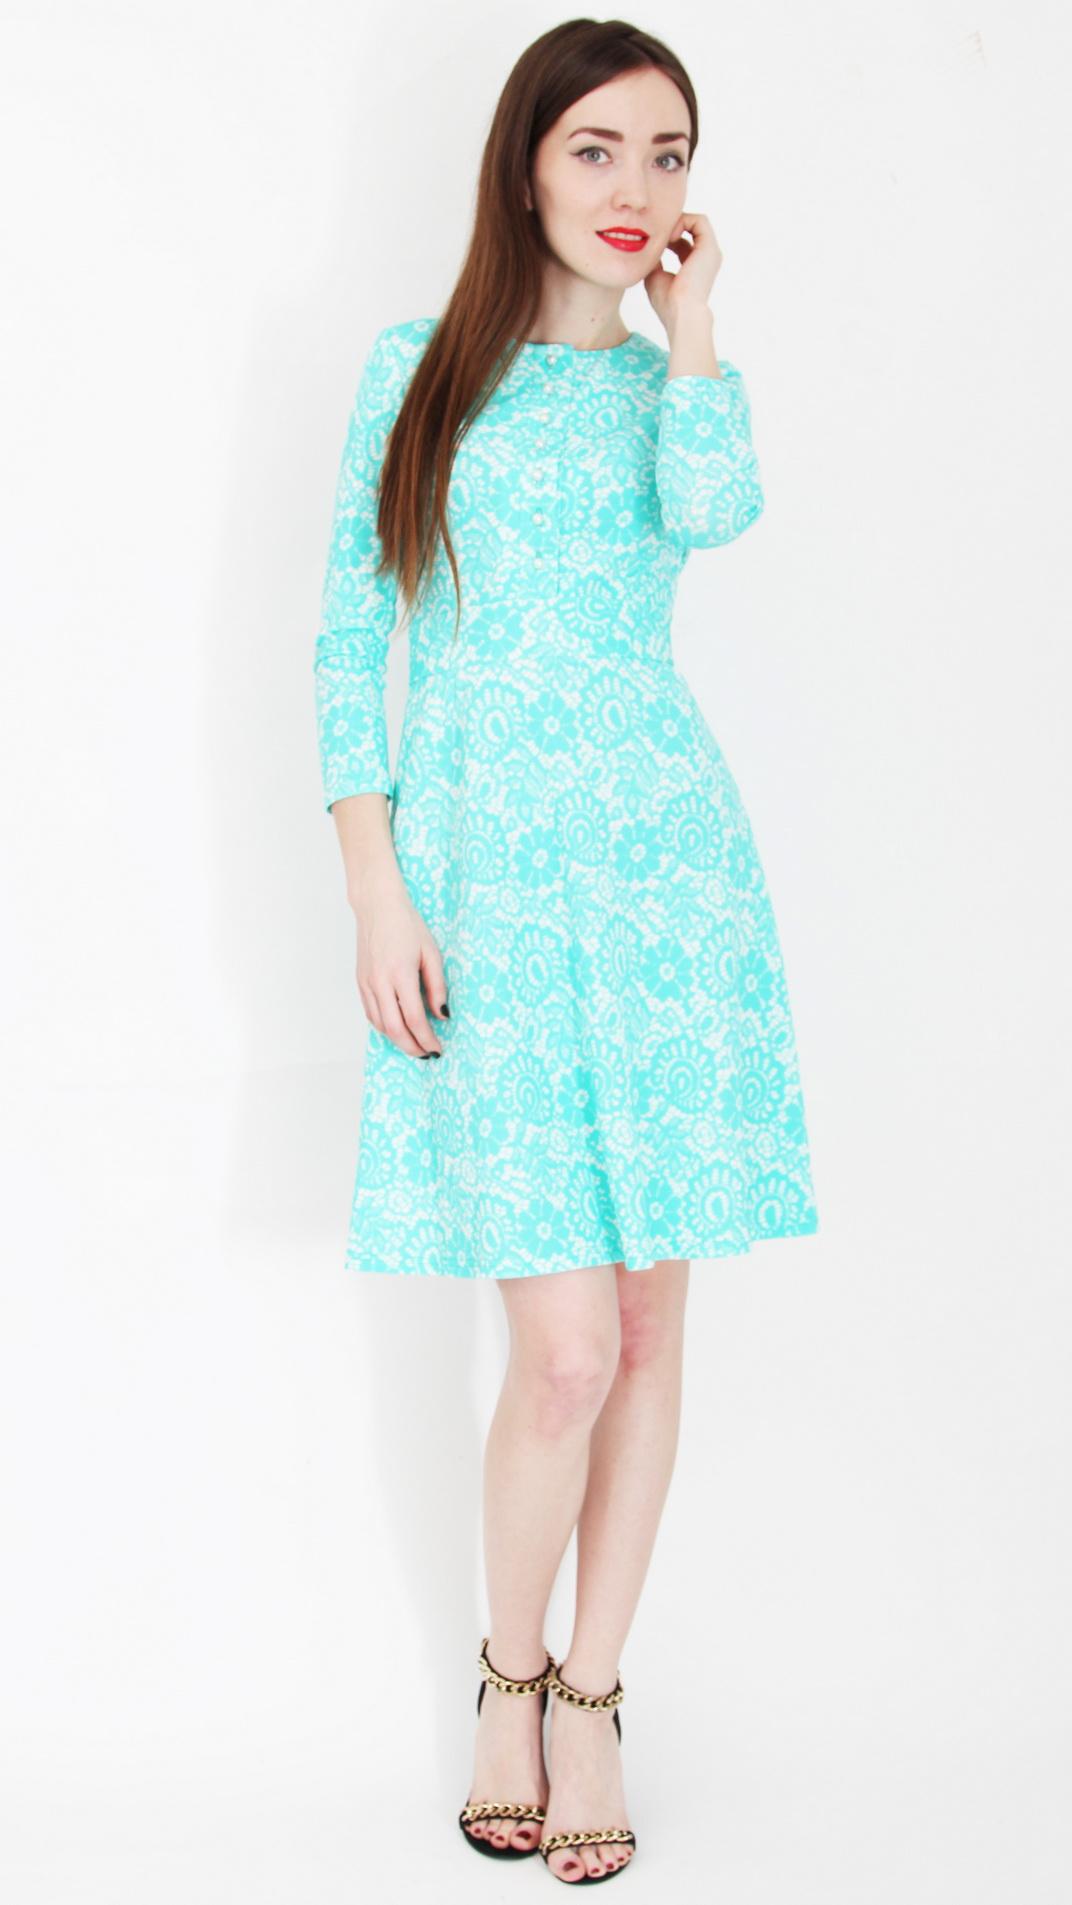 Сбор заказов.Дизайнерская одежда NASTYA SERGEEVA( платья, жакеты, брюки, юбки, блузки, комбинезоны). Есть распродажа